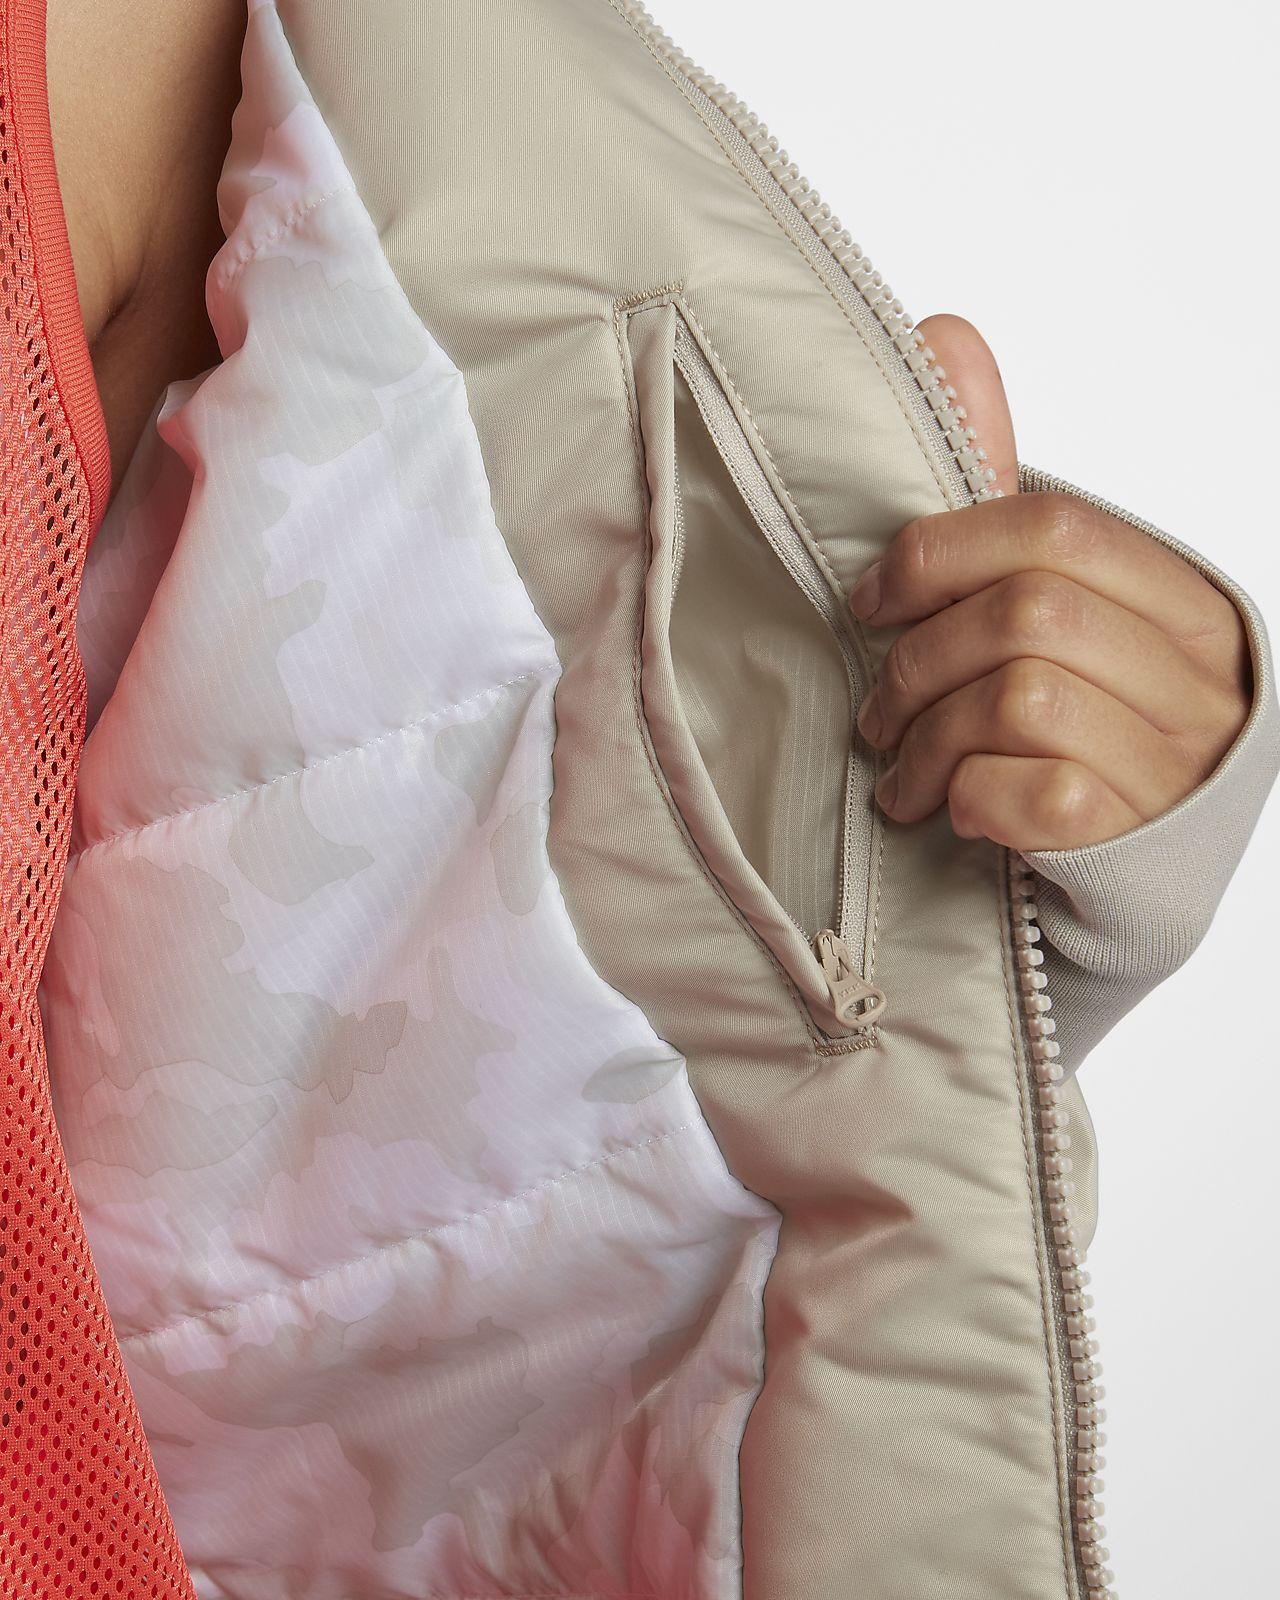 de36d8aec Low Resolution Nike Sportswear NSW Women's Parka Nike Sportswear NSW  Women's Parka